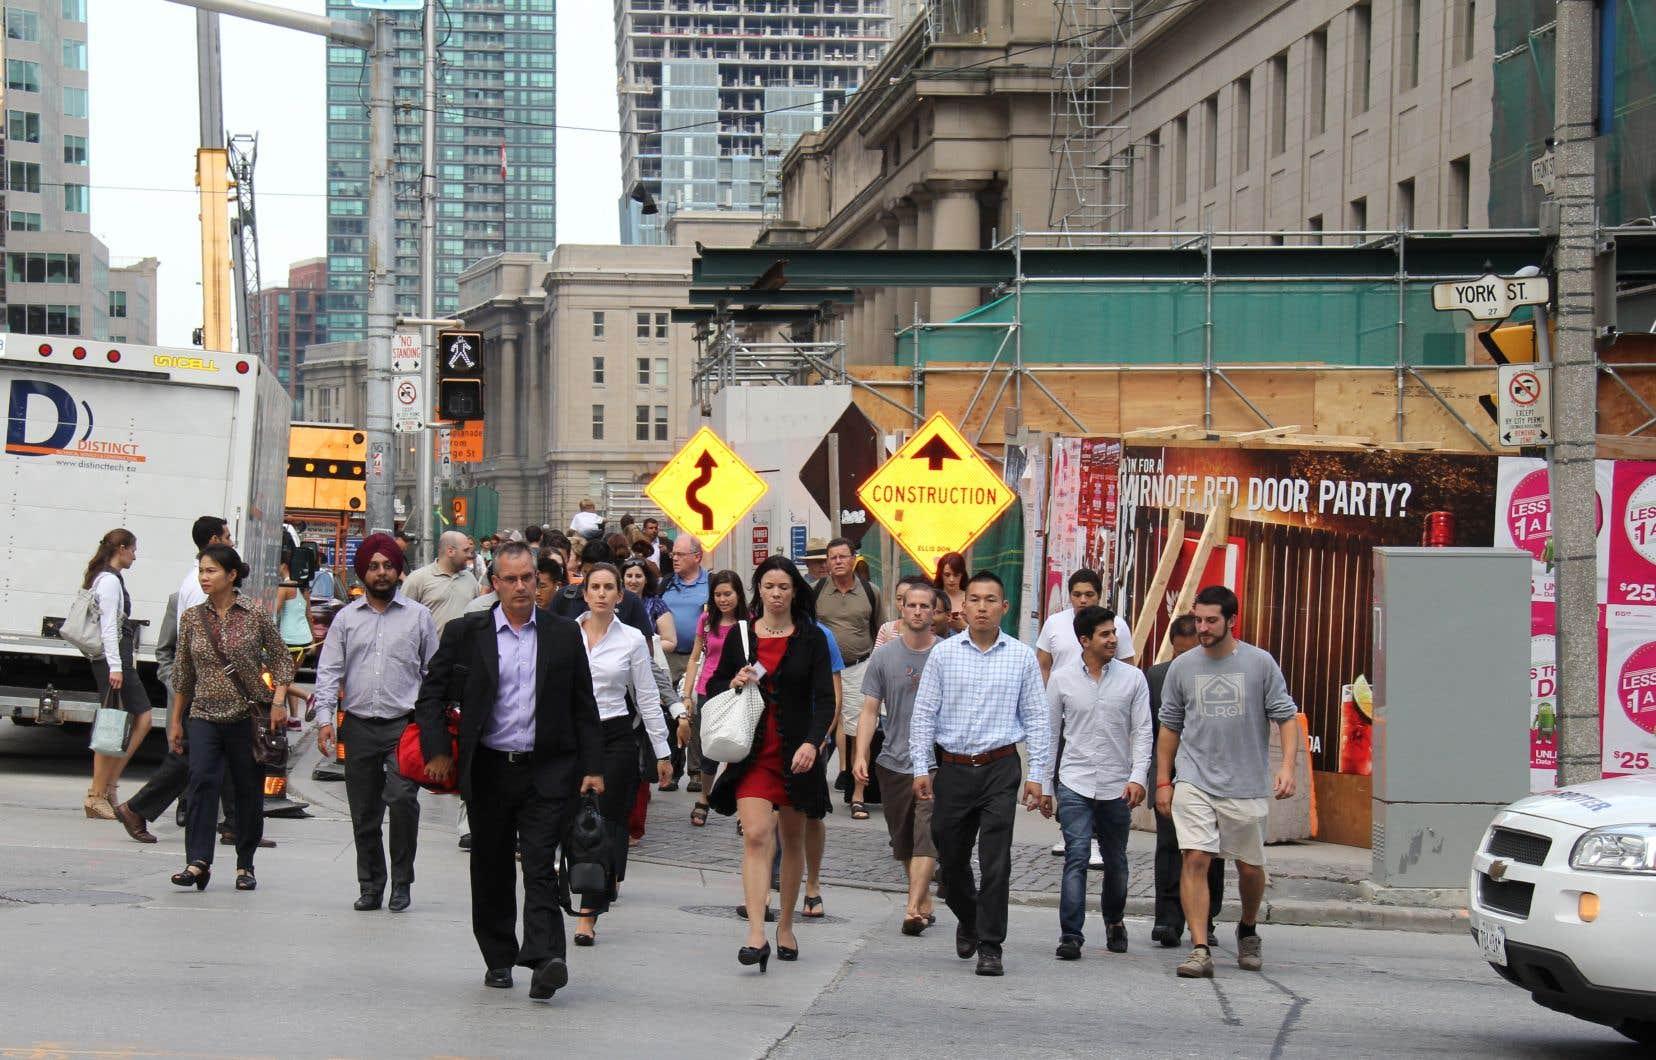 Les experts disent que le Canada aura besoin d'un afflux constant de travailleurs pour pourvoir des postes et financer des programmes sociaux.